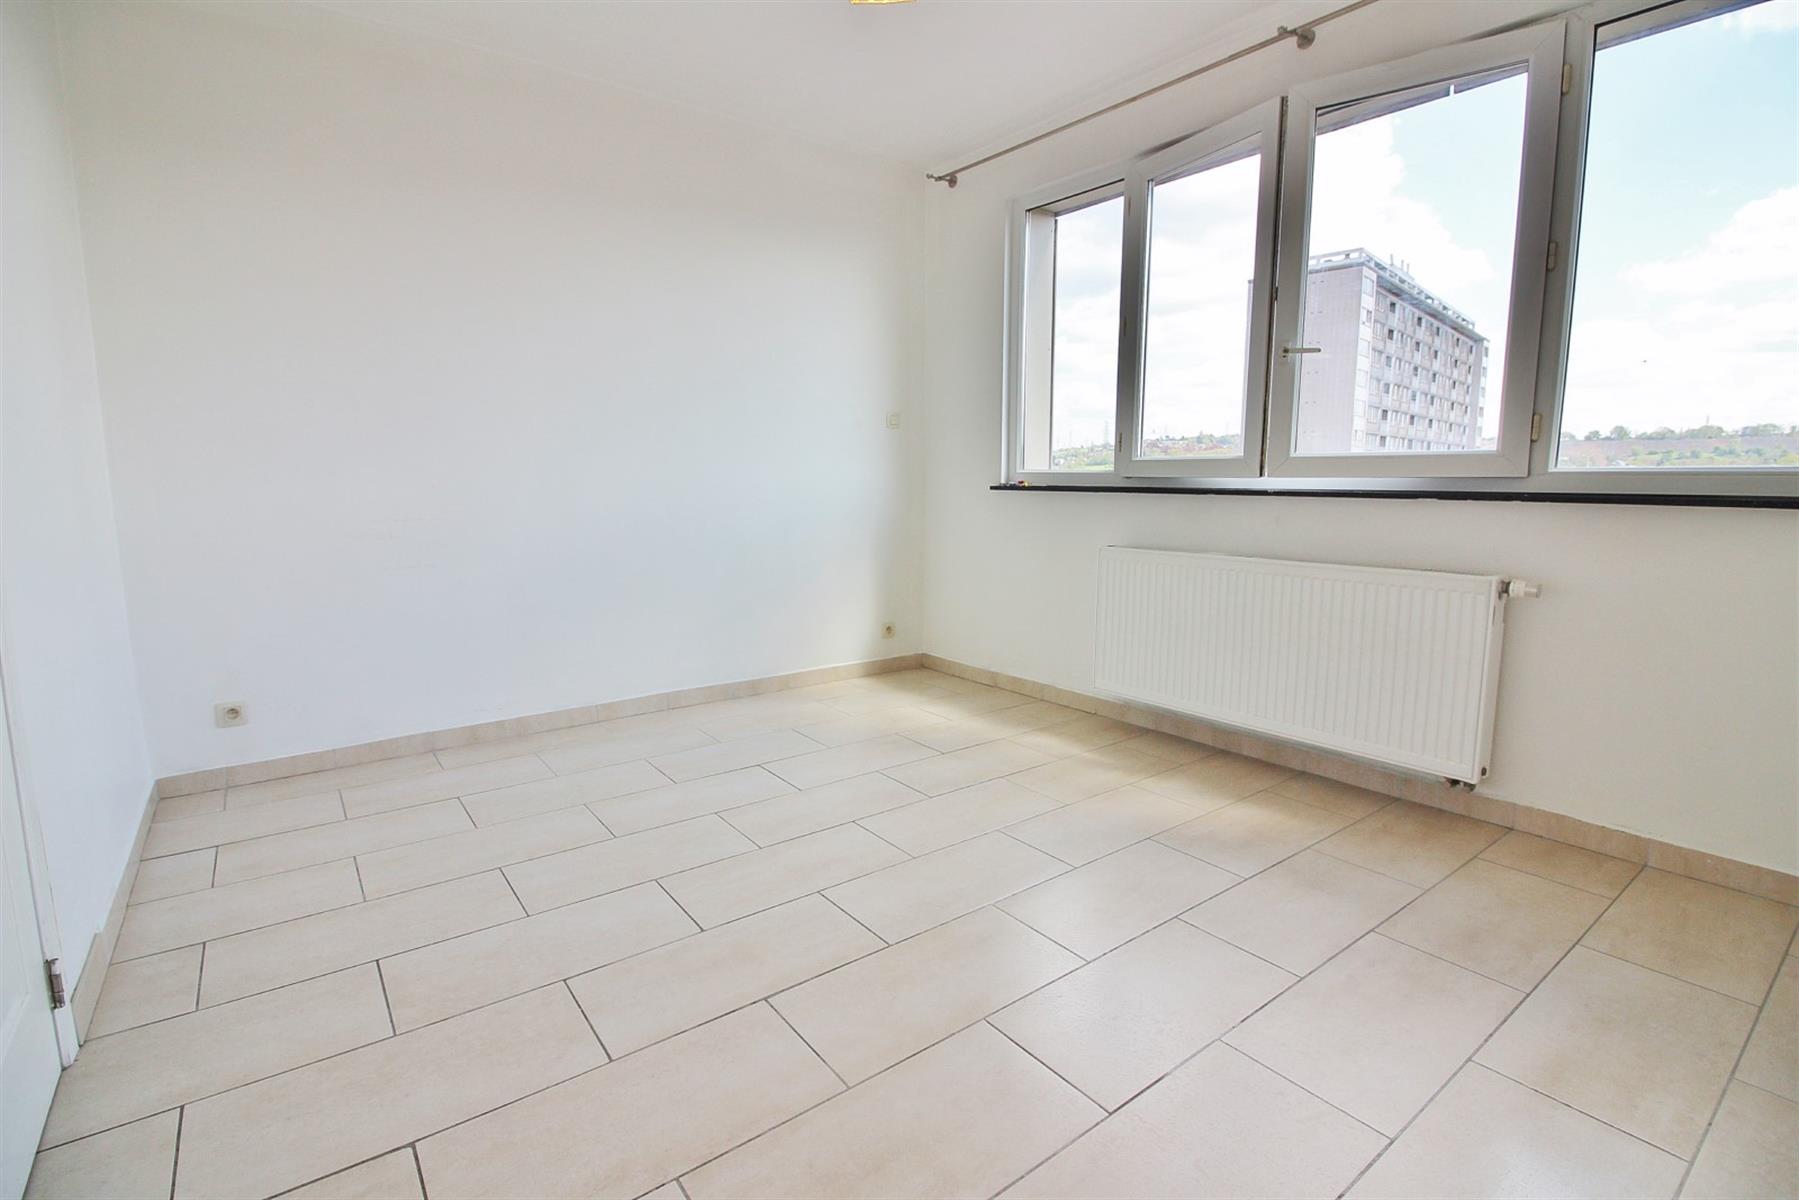 Appartement - Liege - #4394490-5